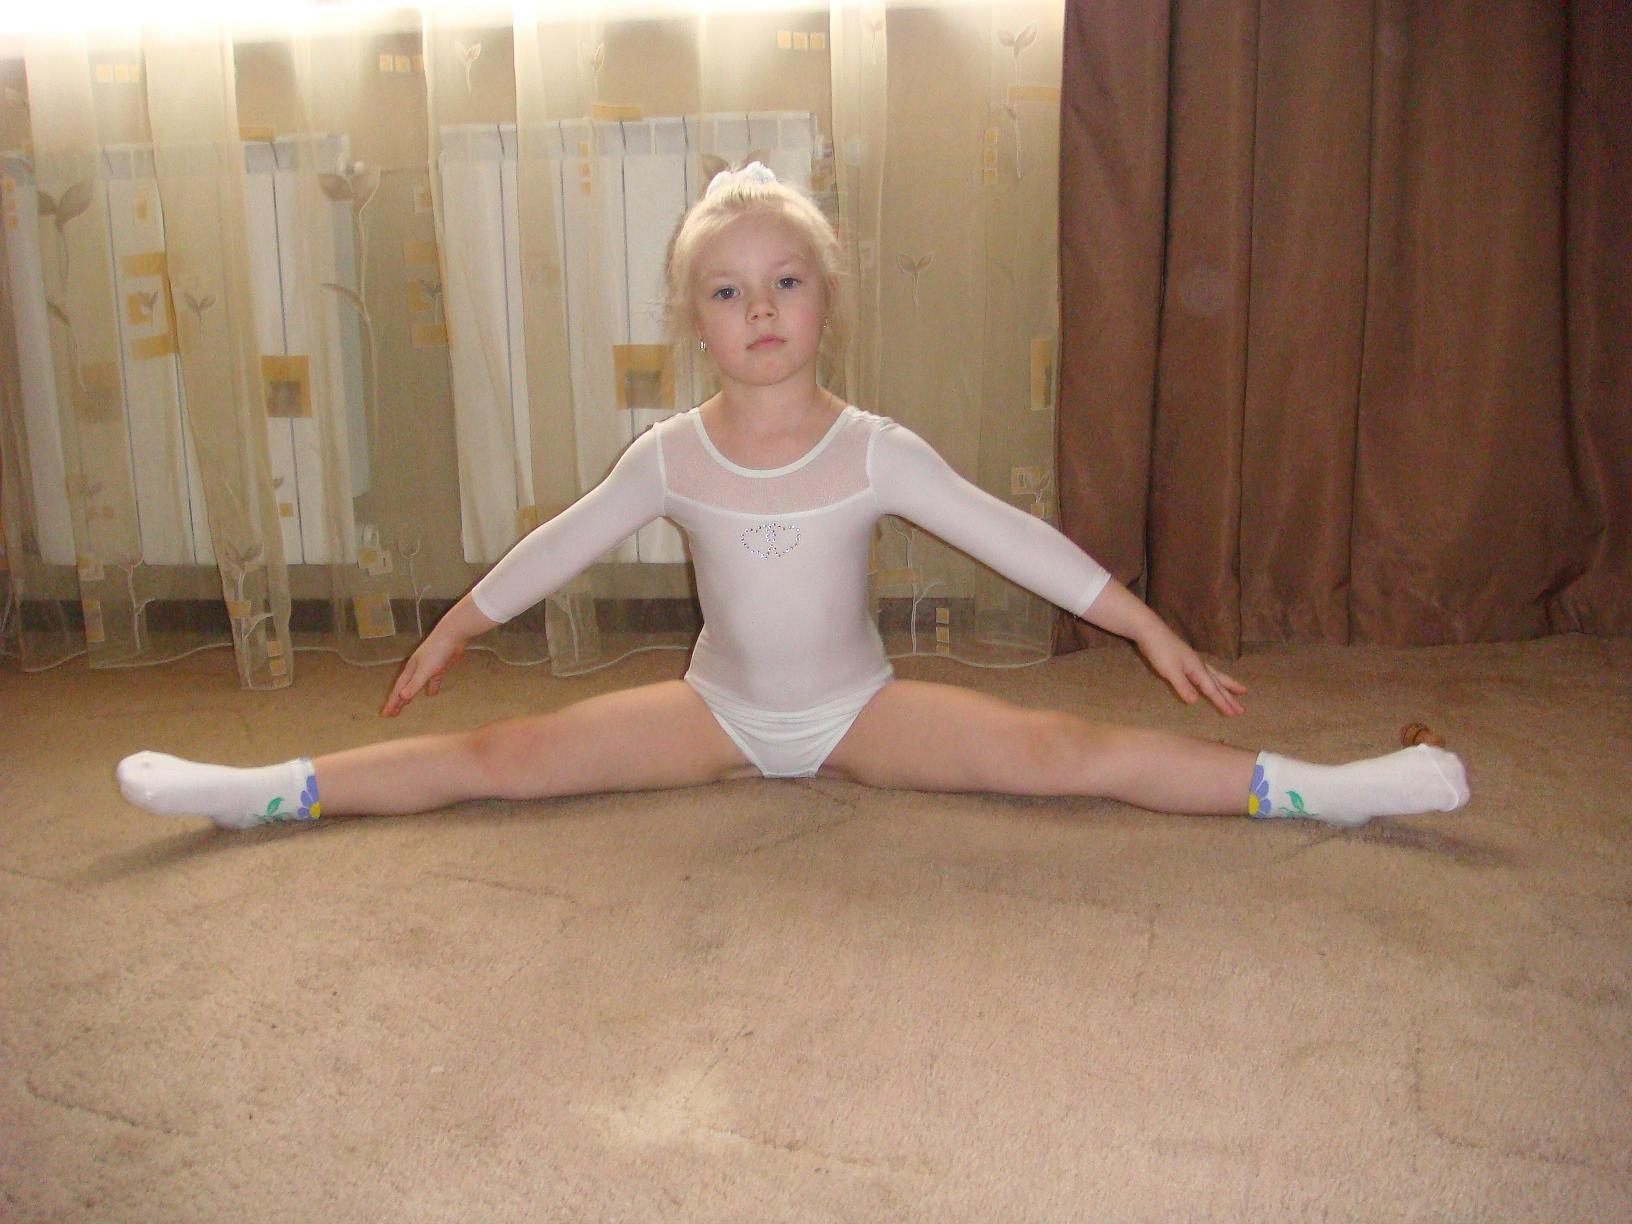 Юные модели юные гимнастки 7 фотография